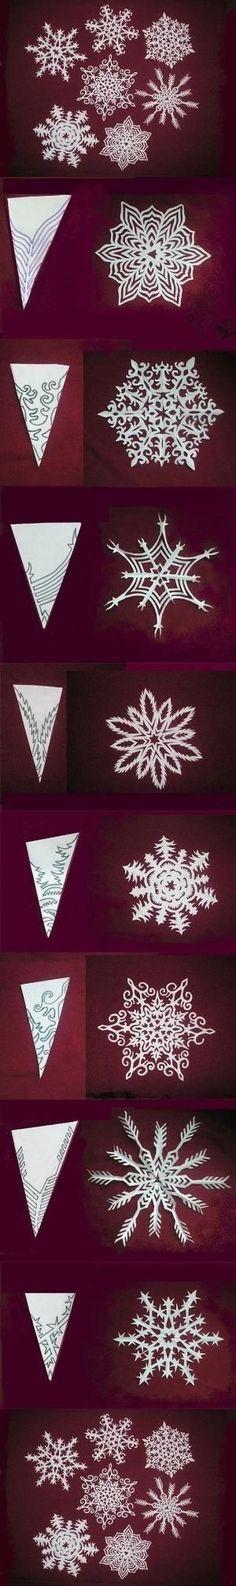 Wonderful DIY Paper Snowflakes With Pattern | WonderfulDIY.com by KariB